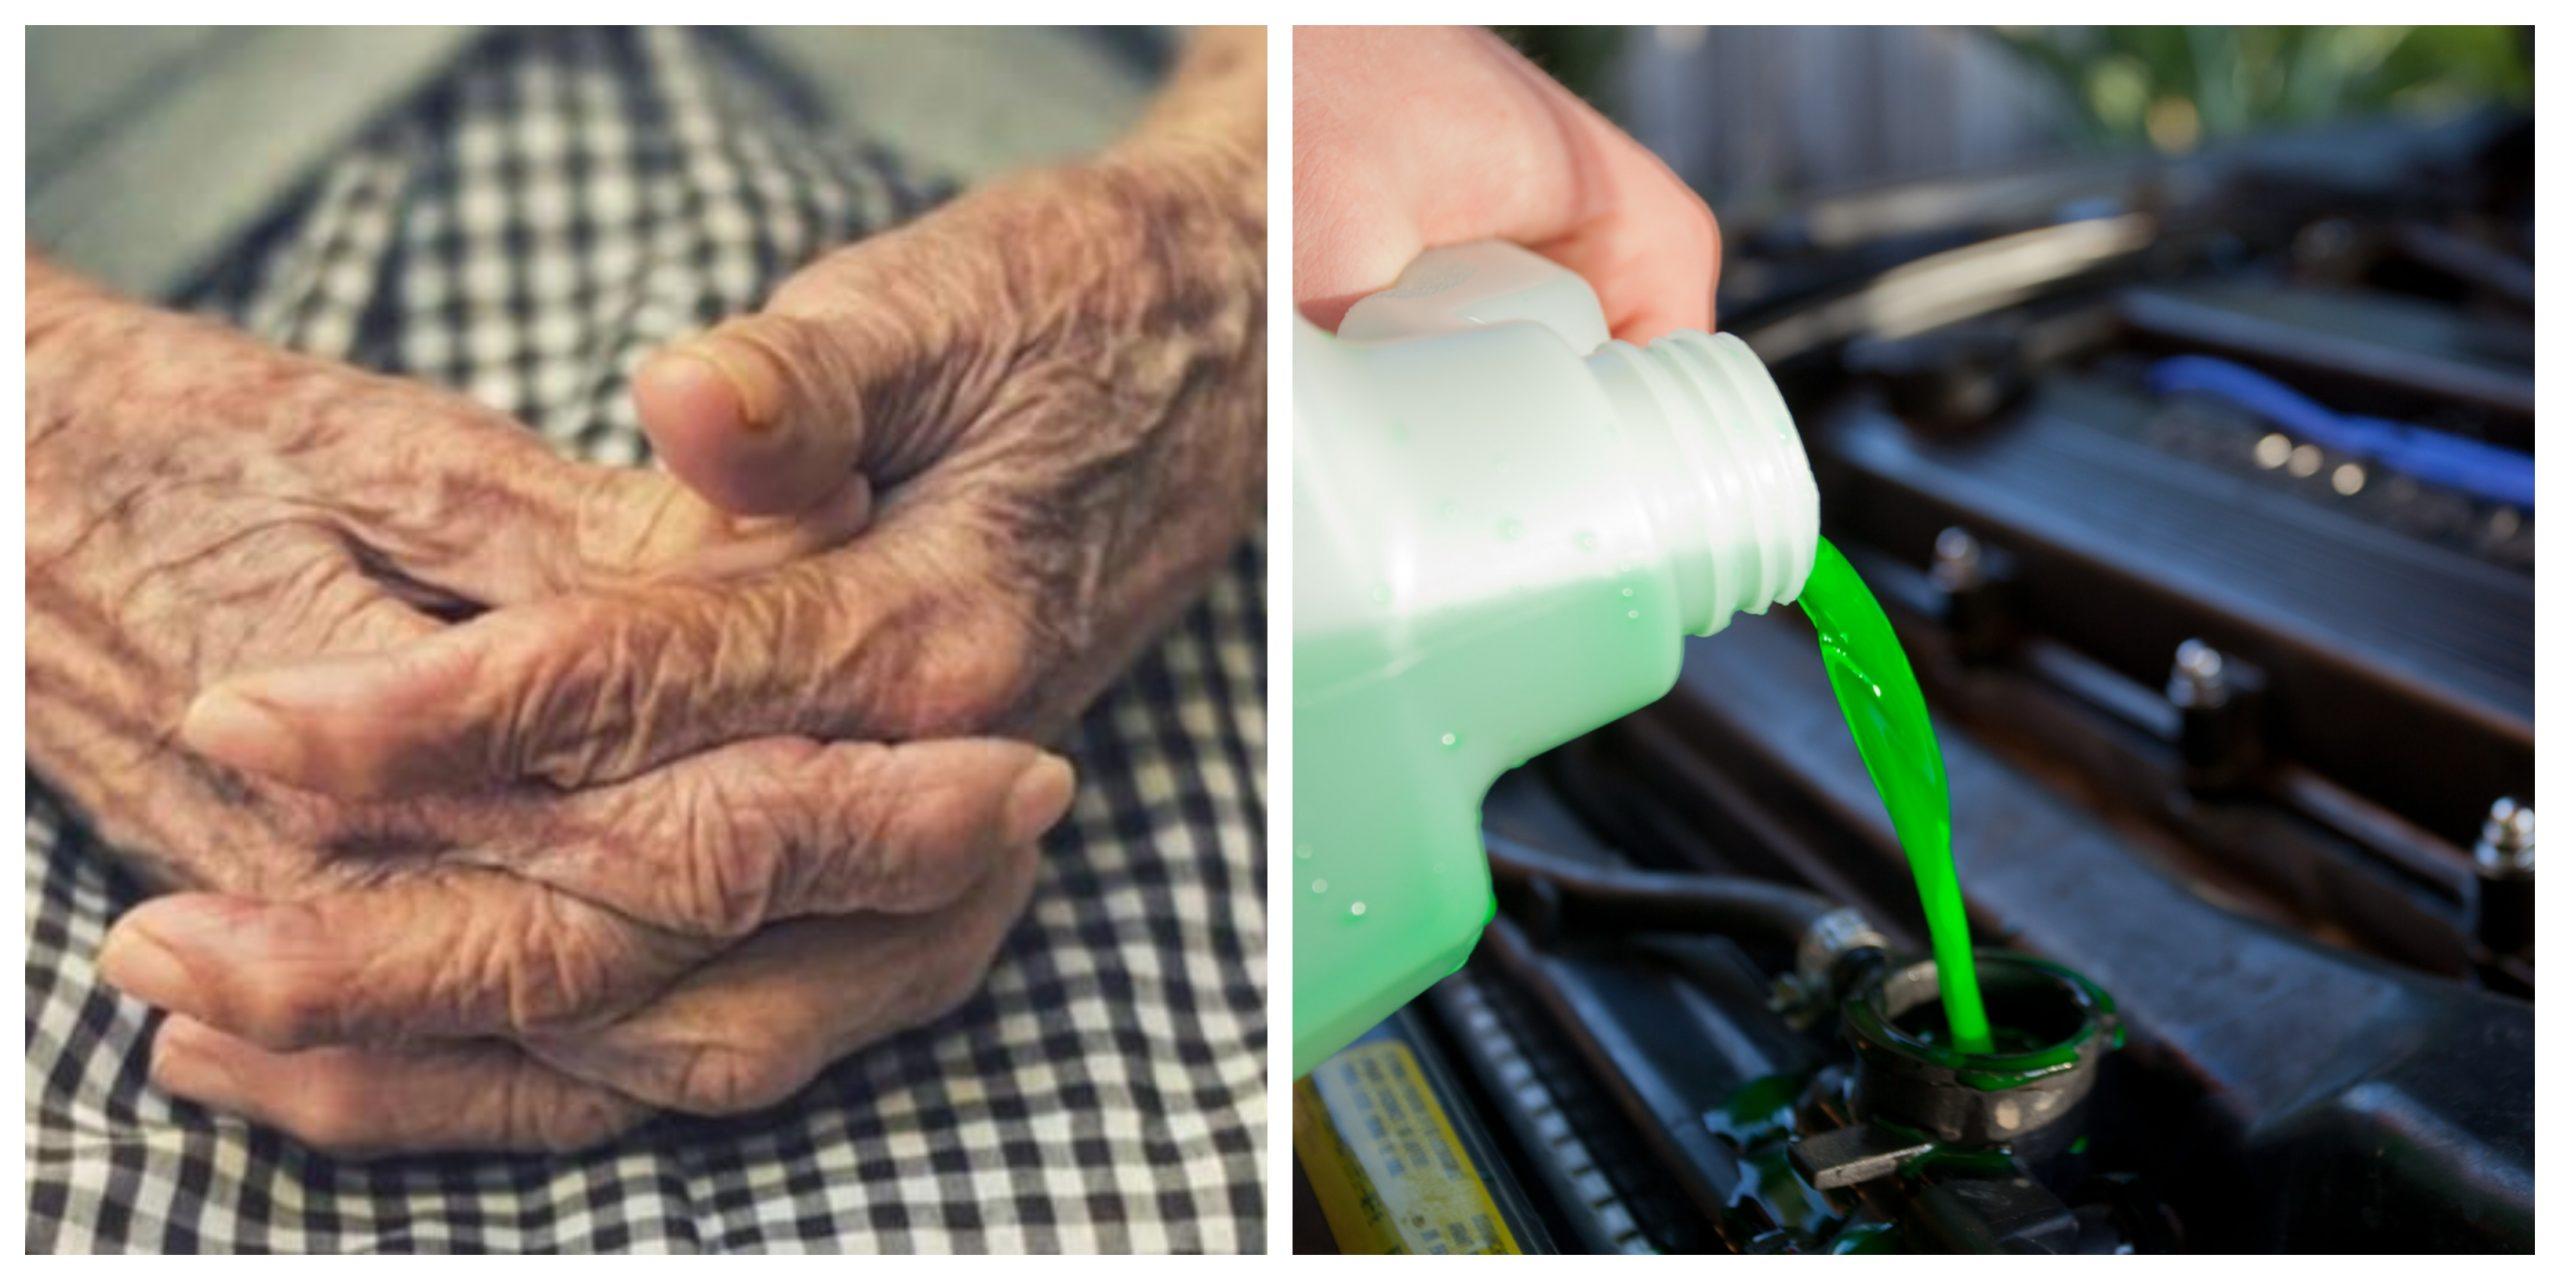 O bătrână de 90 de ani a supraviețuit miraculos, după ce a băut antigel și lichid de parbriz